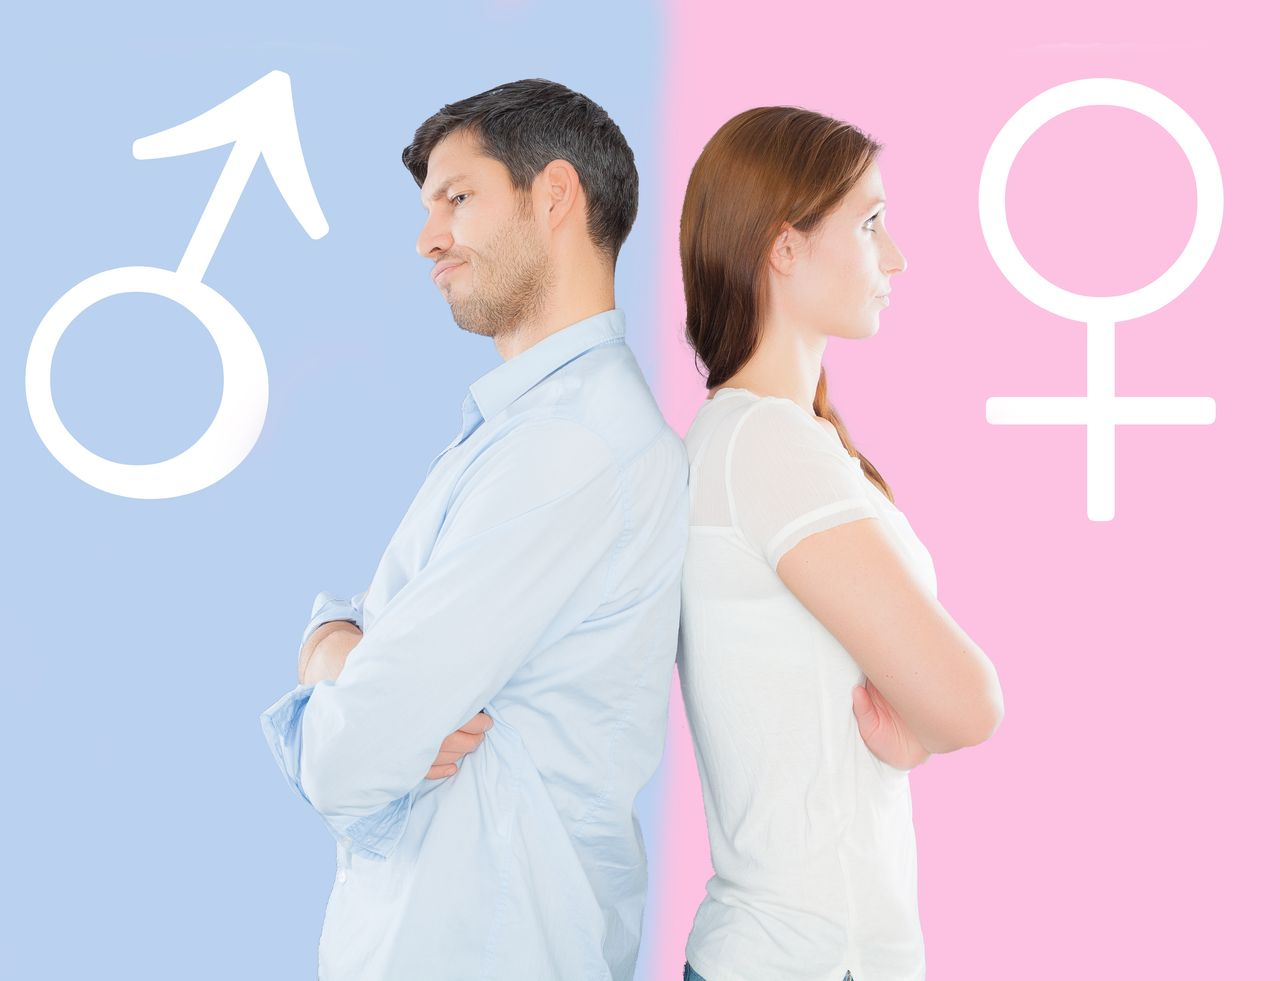 Seznamka poměr mužů a žen